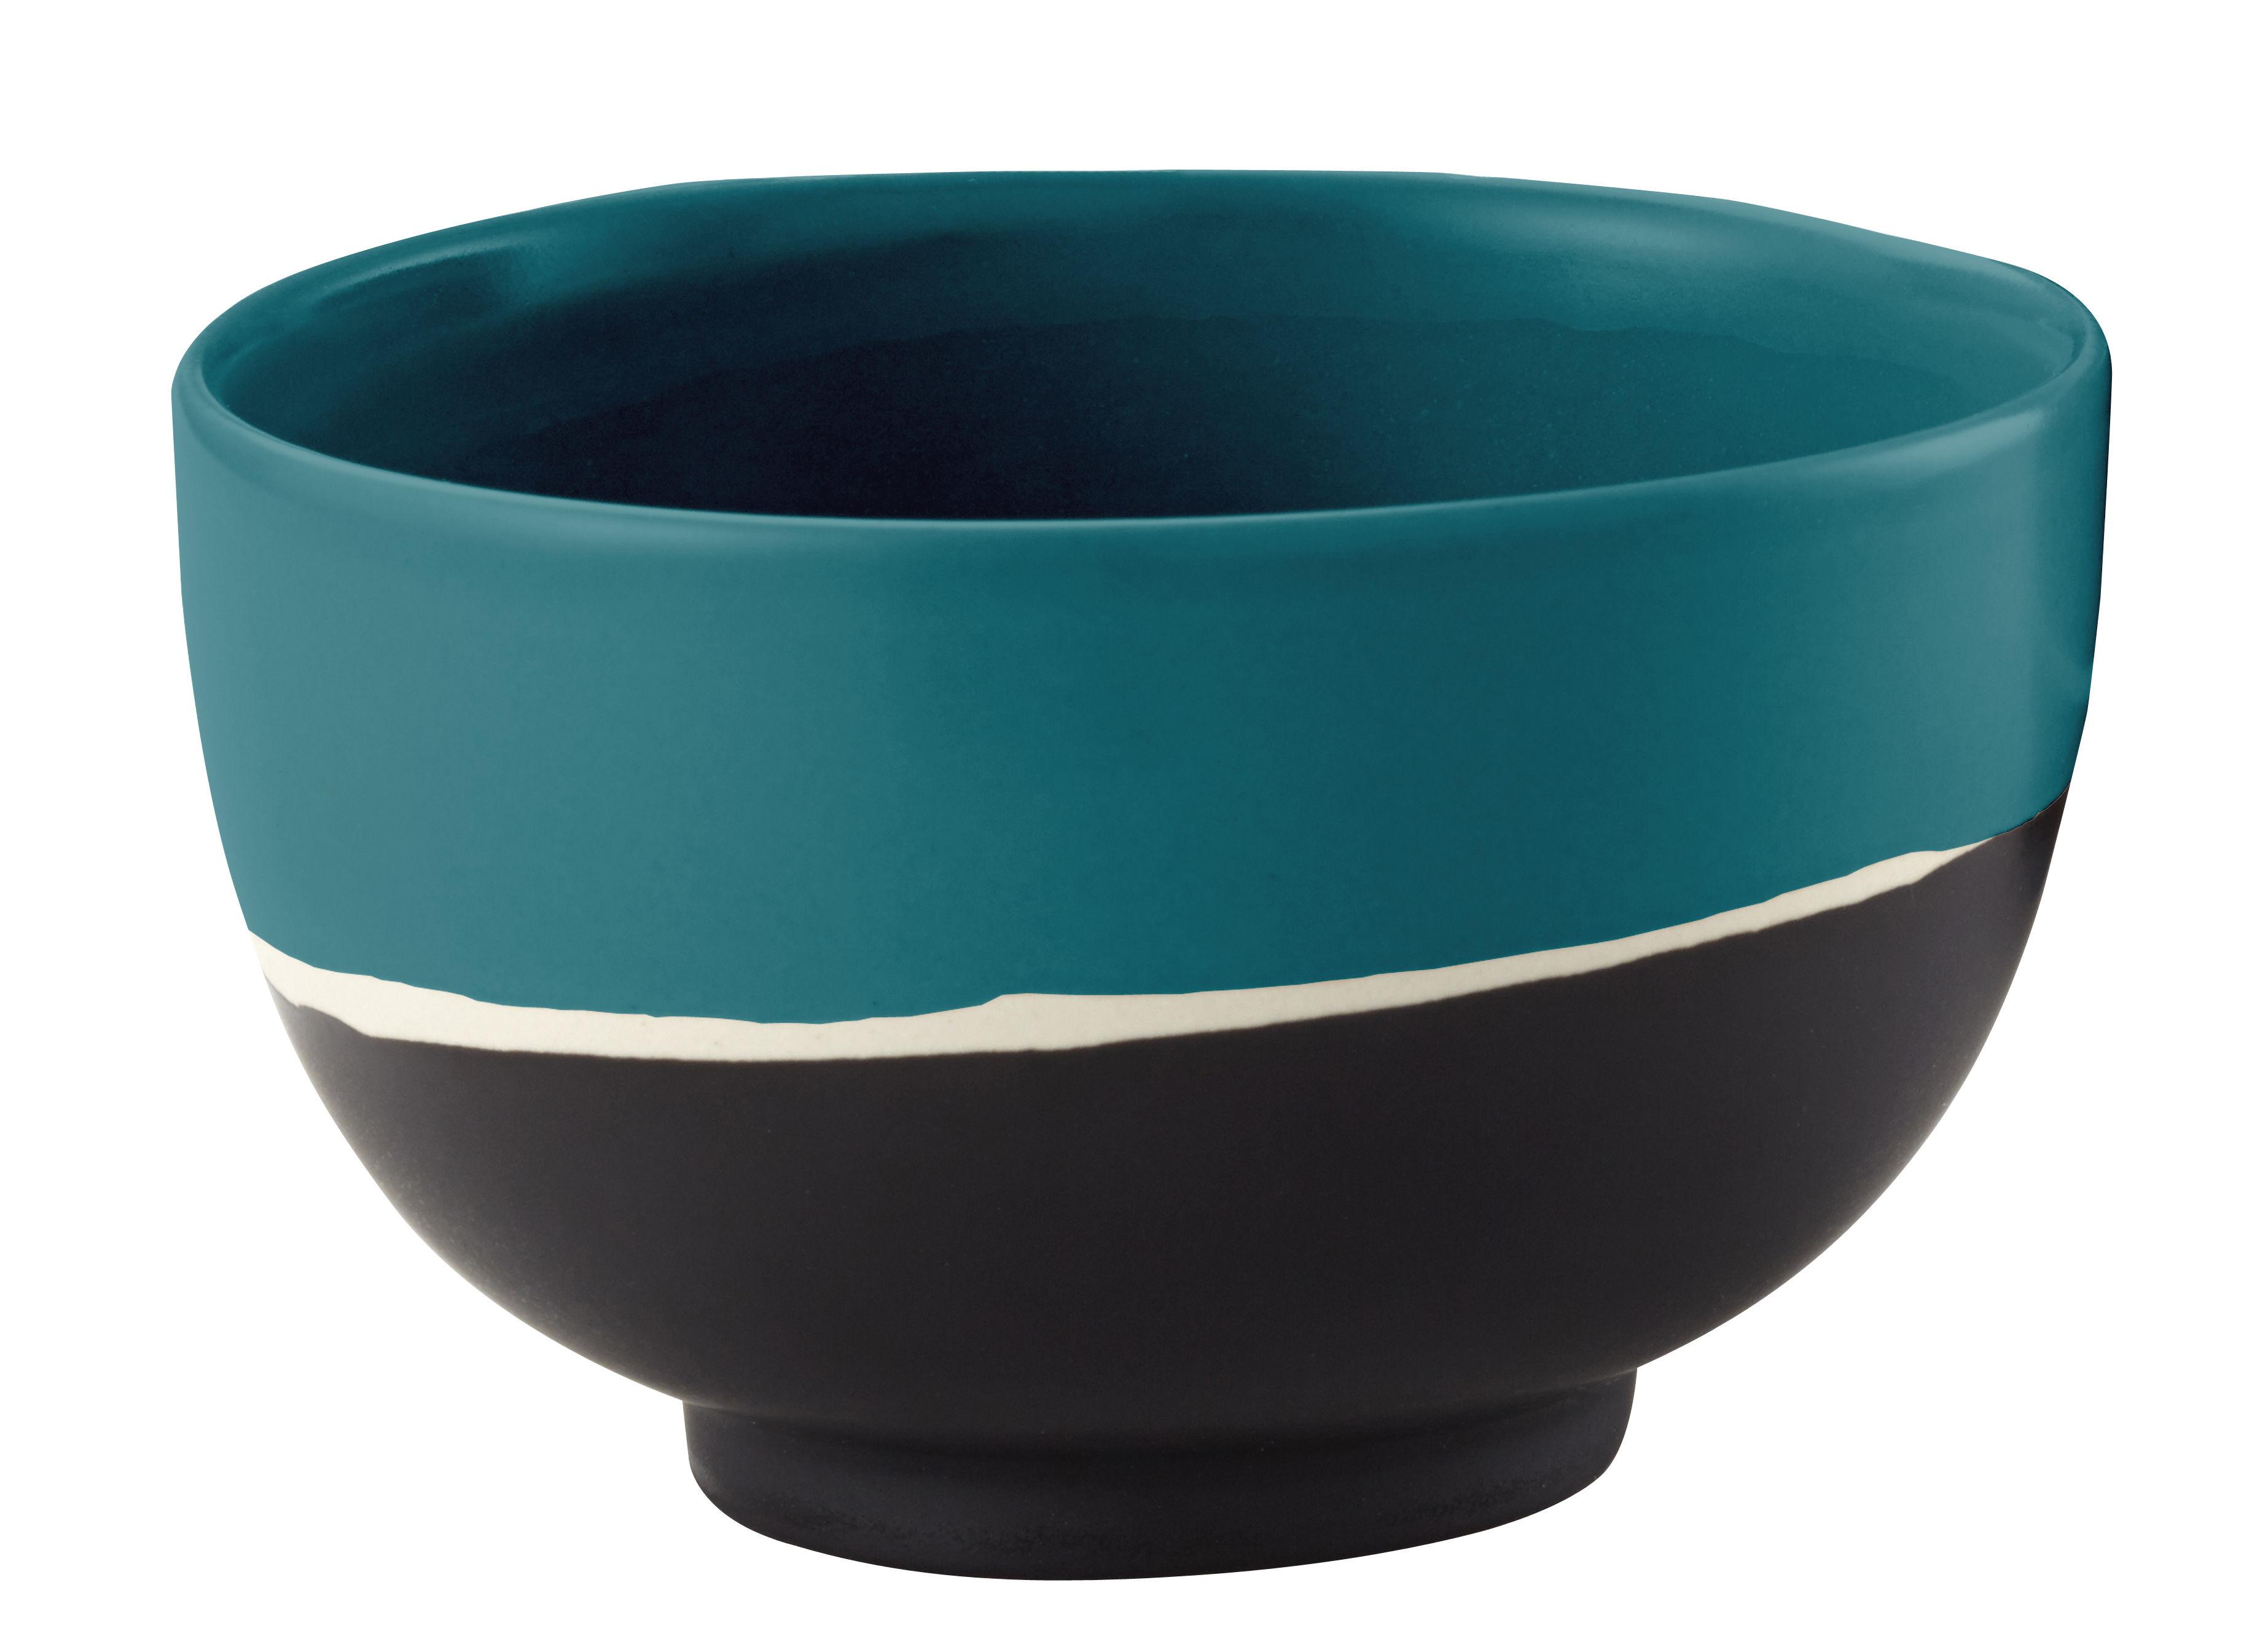 Kitchenware - Decorative Salad & Fruit Bowls - Sicilia Small dish - Ø 8,5 cm by Maison Sarah Lavoine - Blue - Painted enameled stoneware